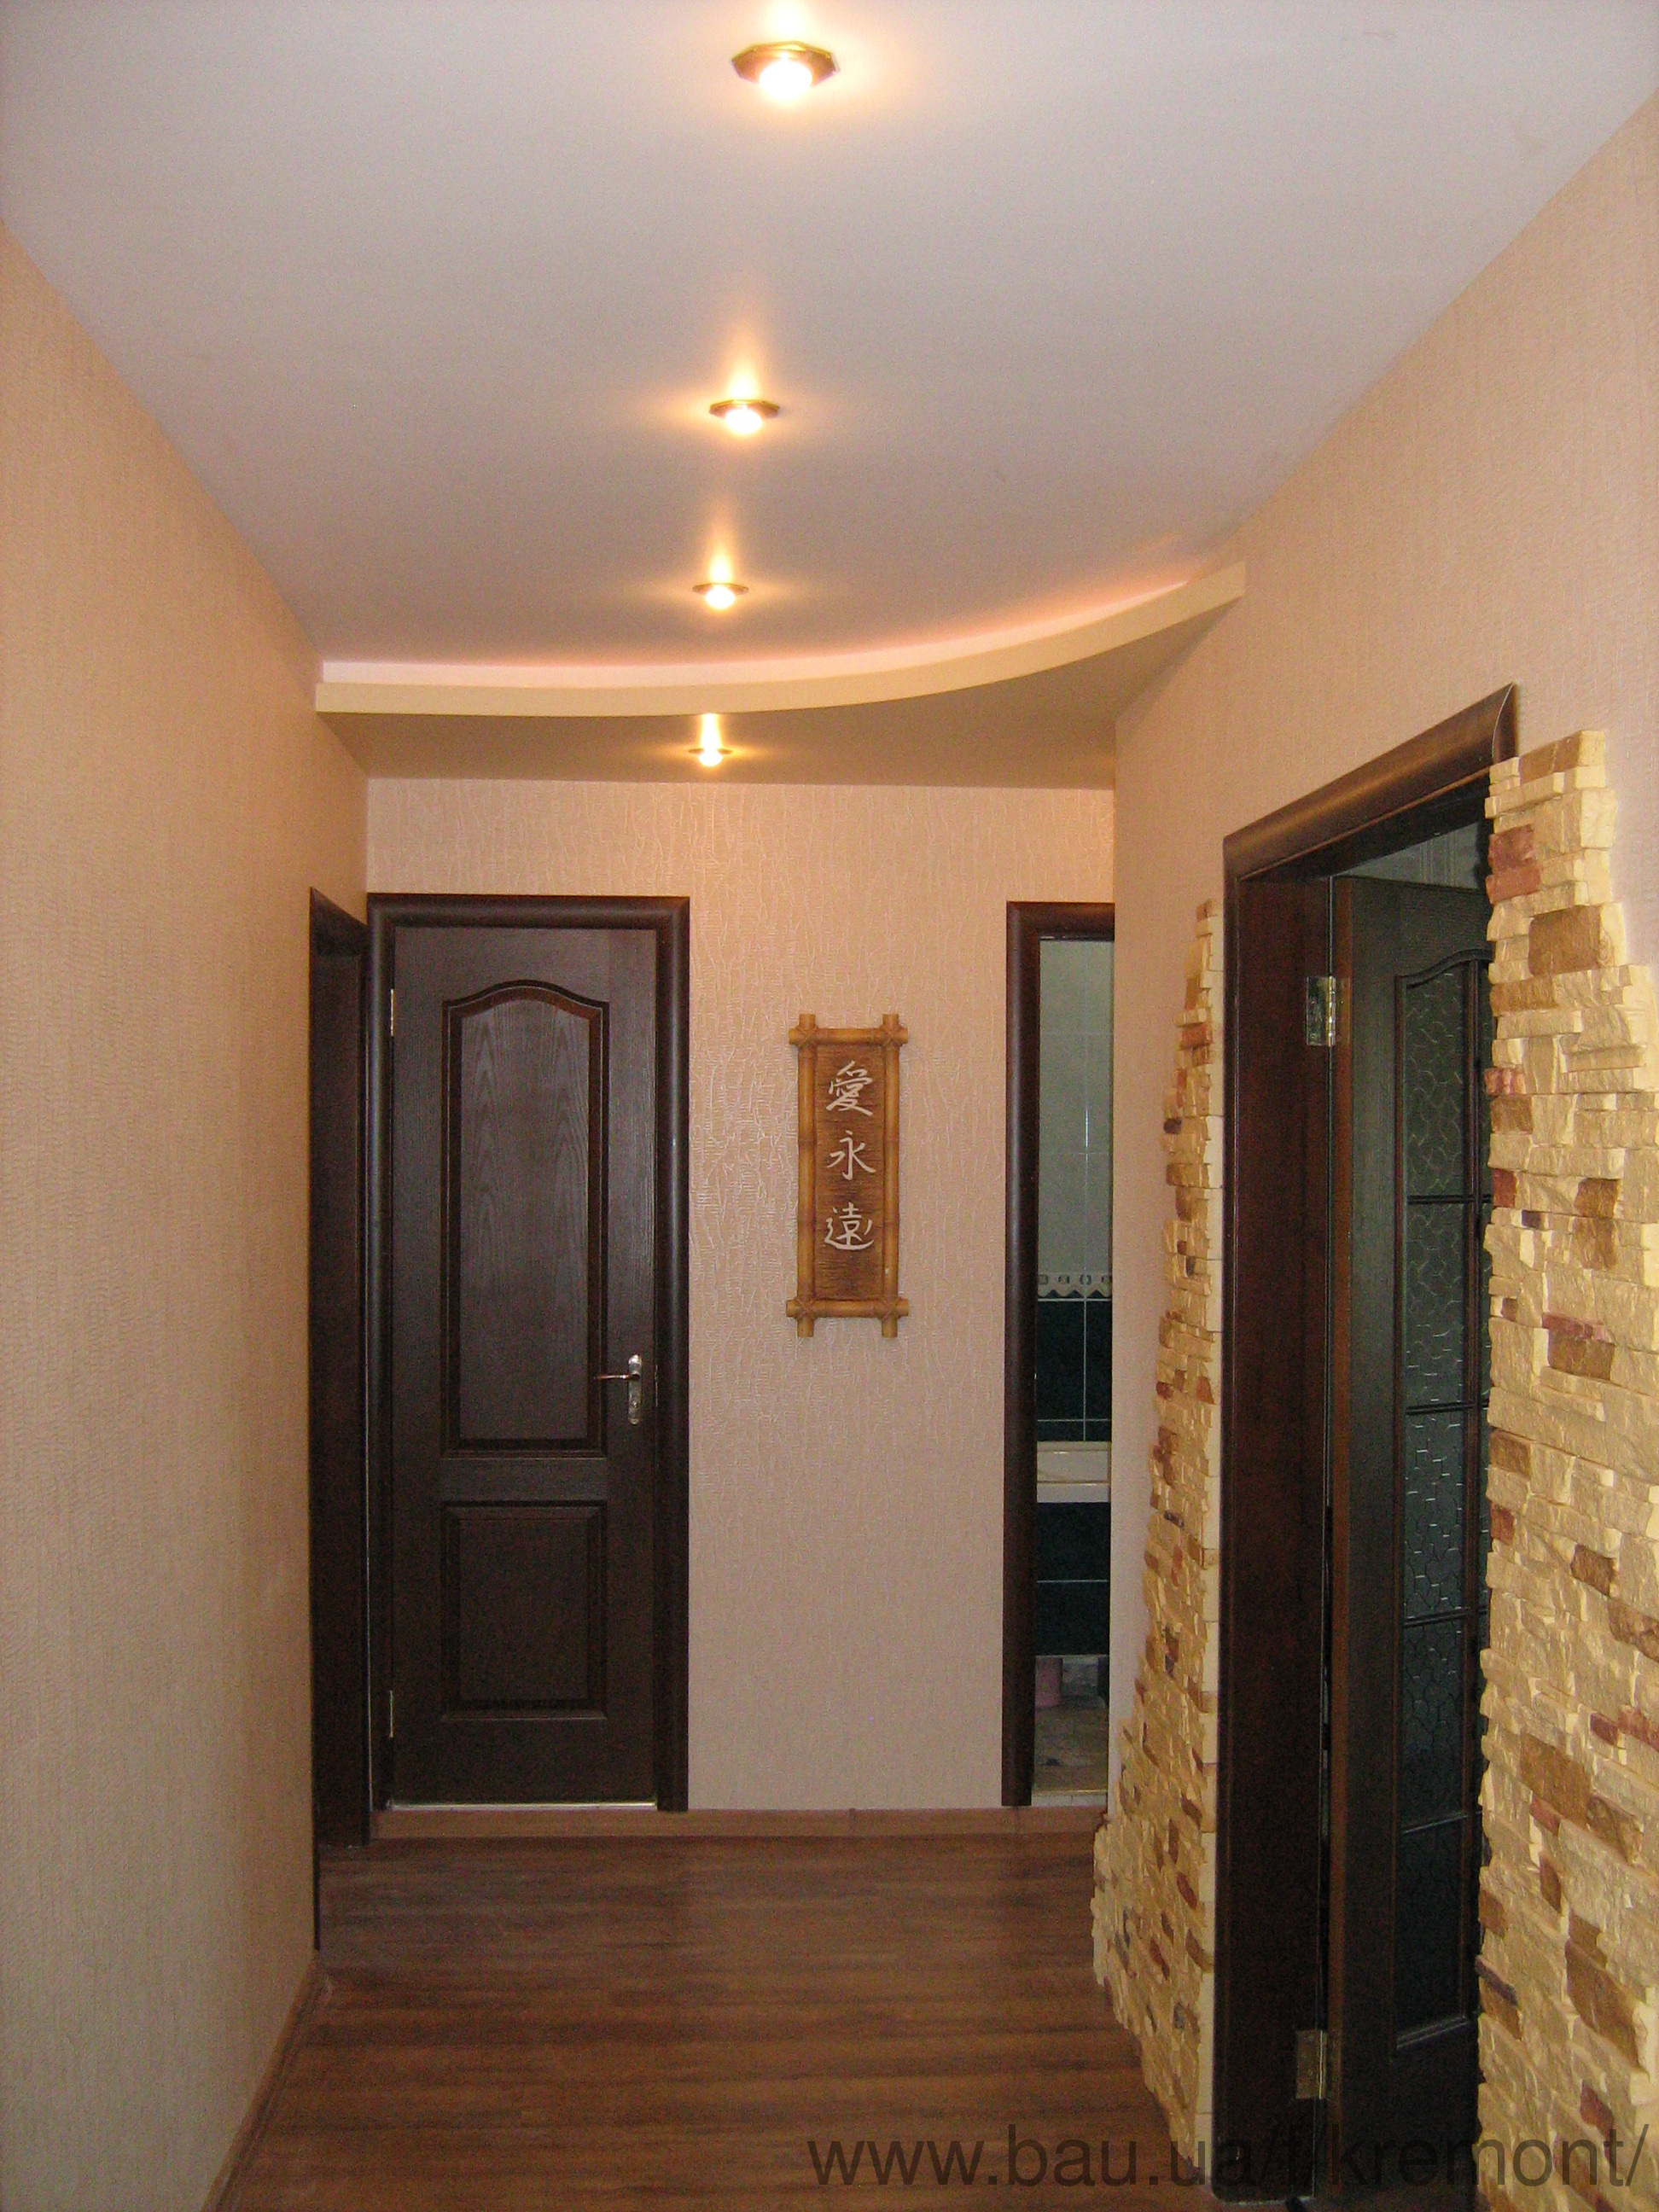 Дизайн деревянного дома Цены и фото внутри